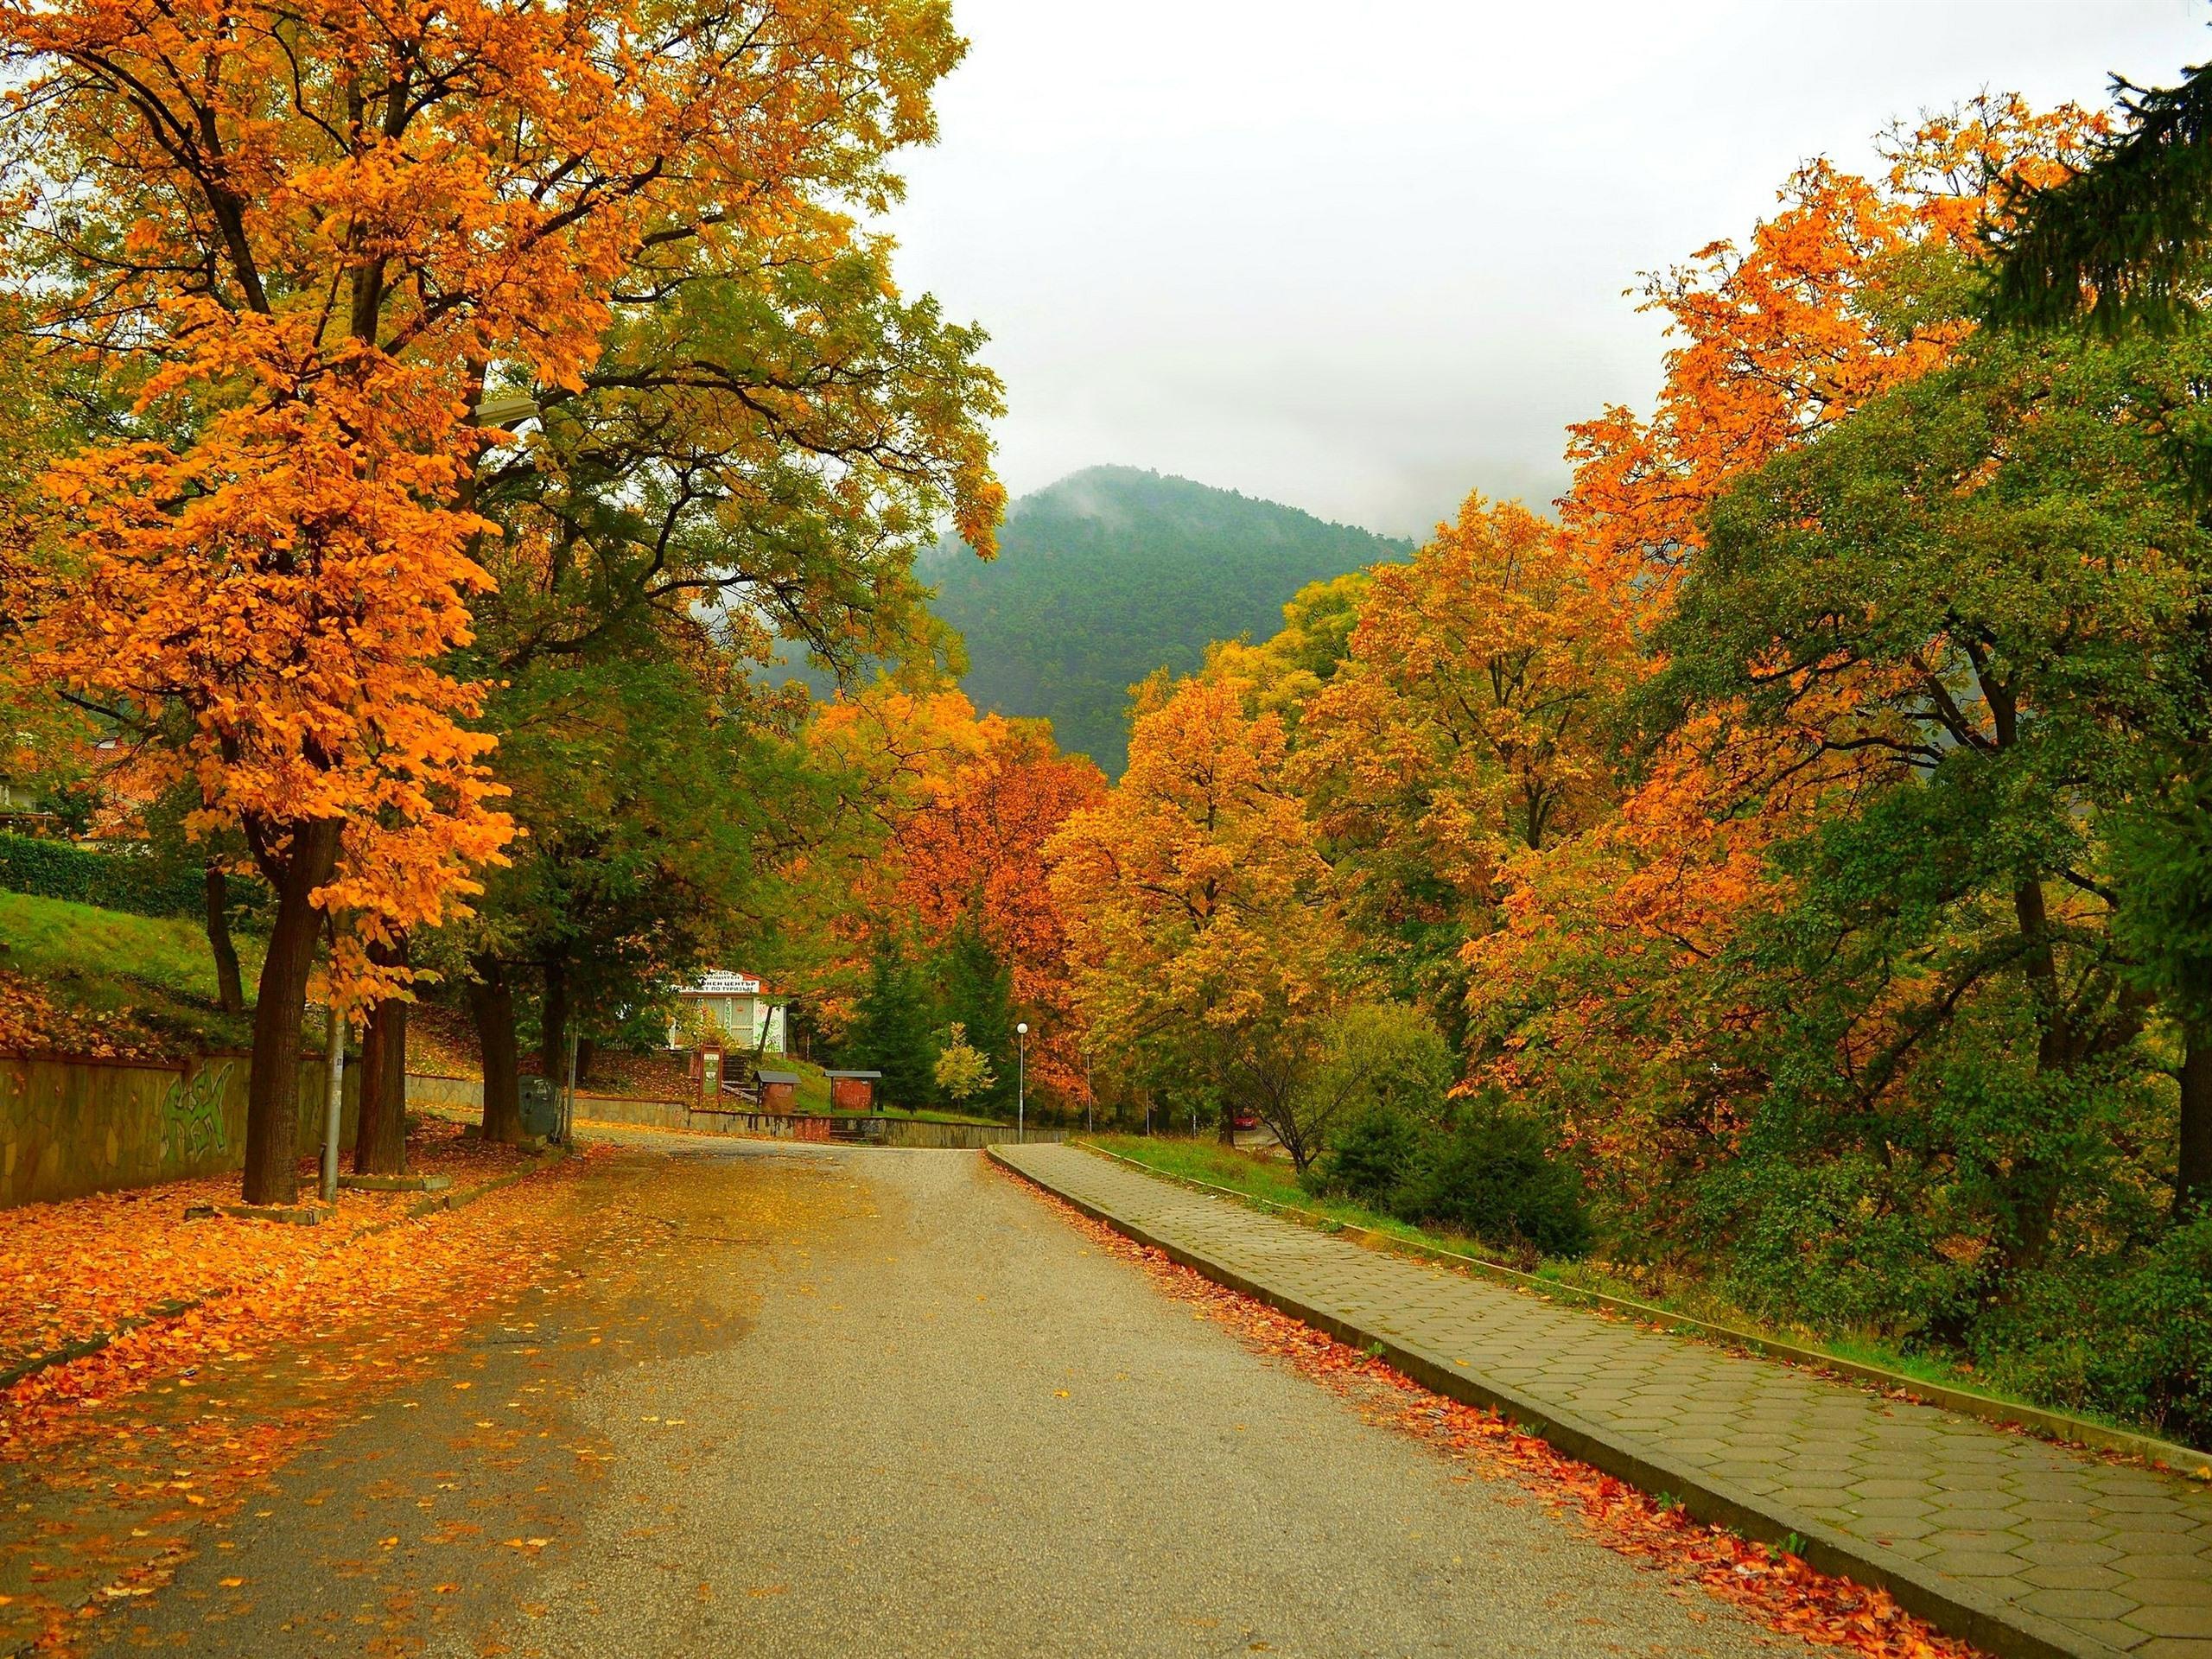 Trees Road Mountain Autumn 1080x1920 Iphone 8766s Plus